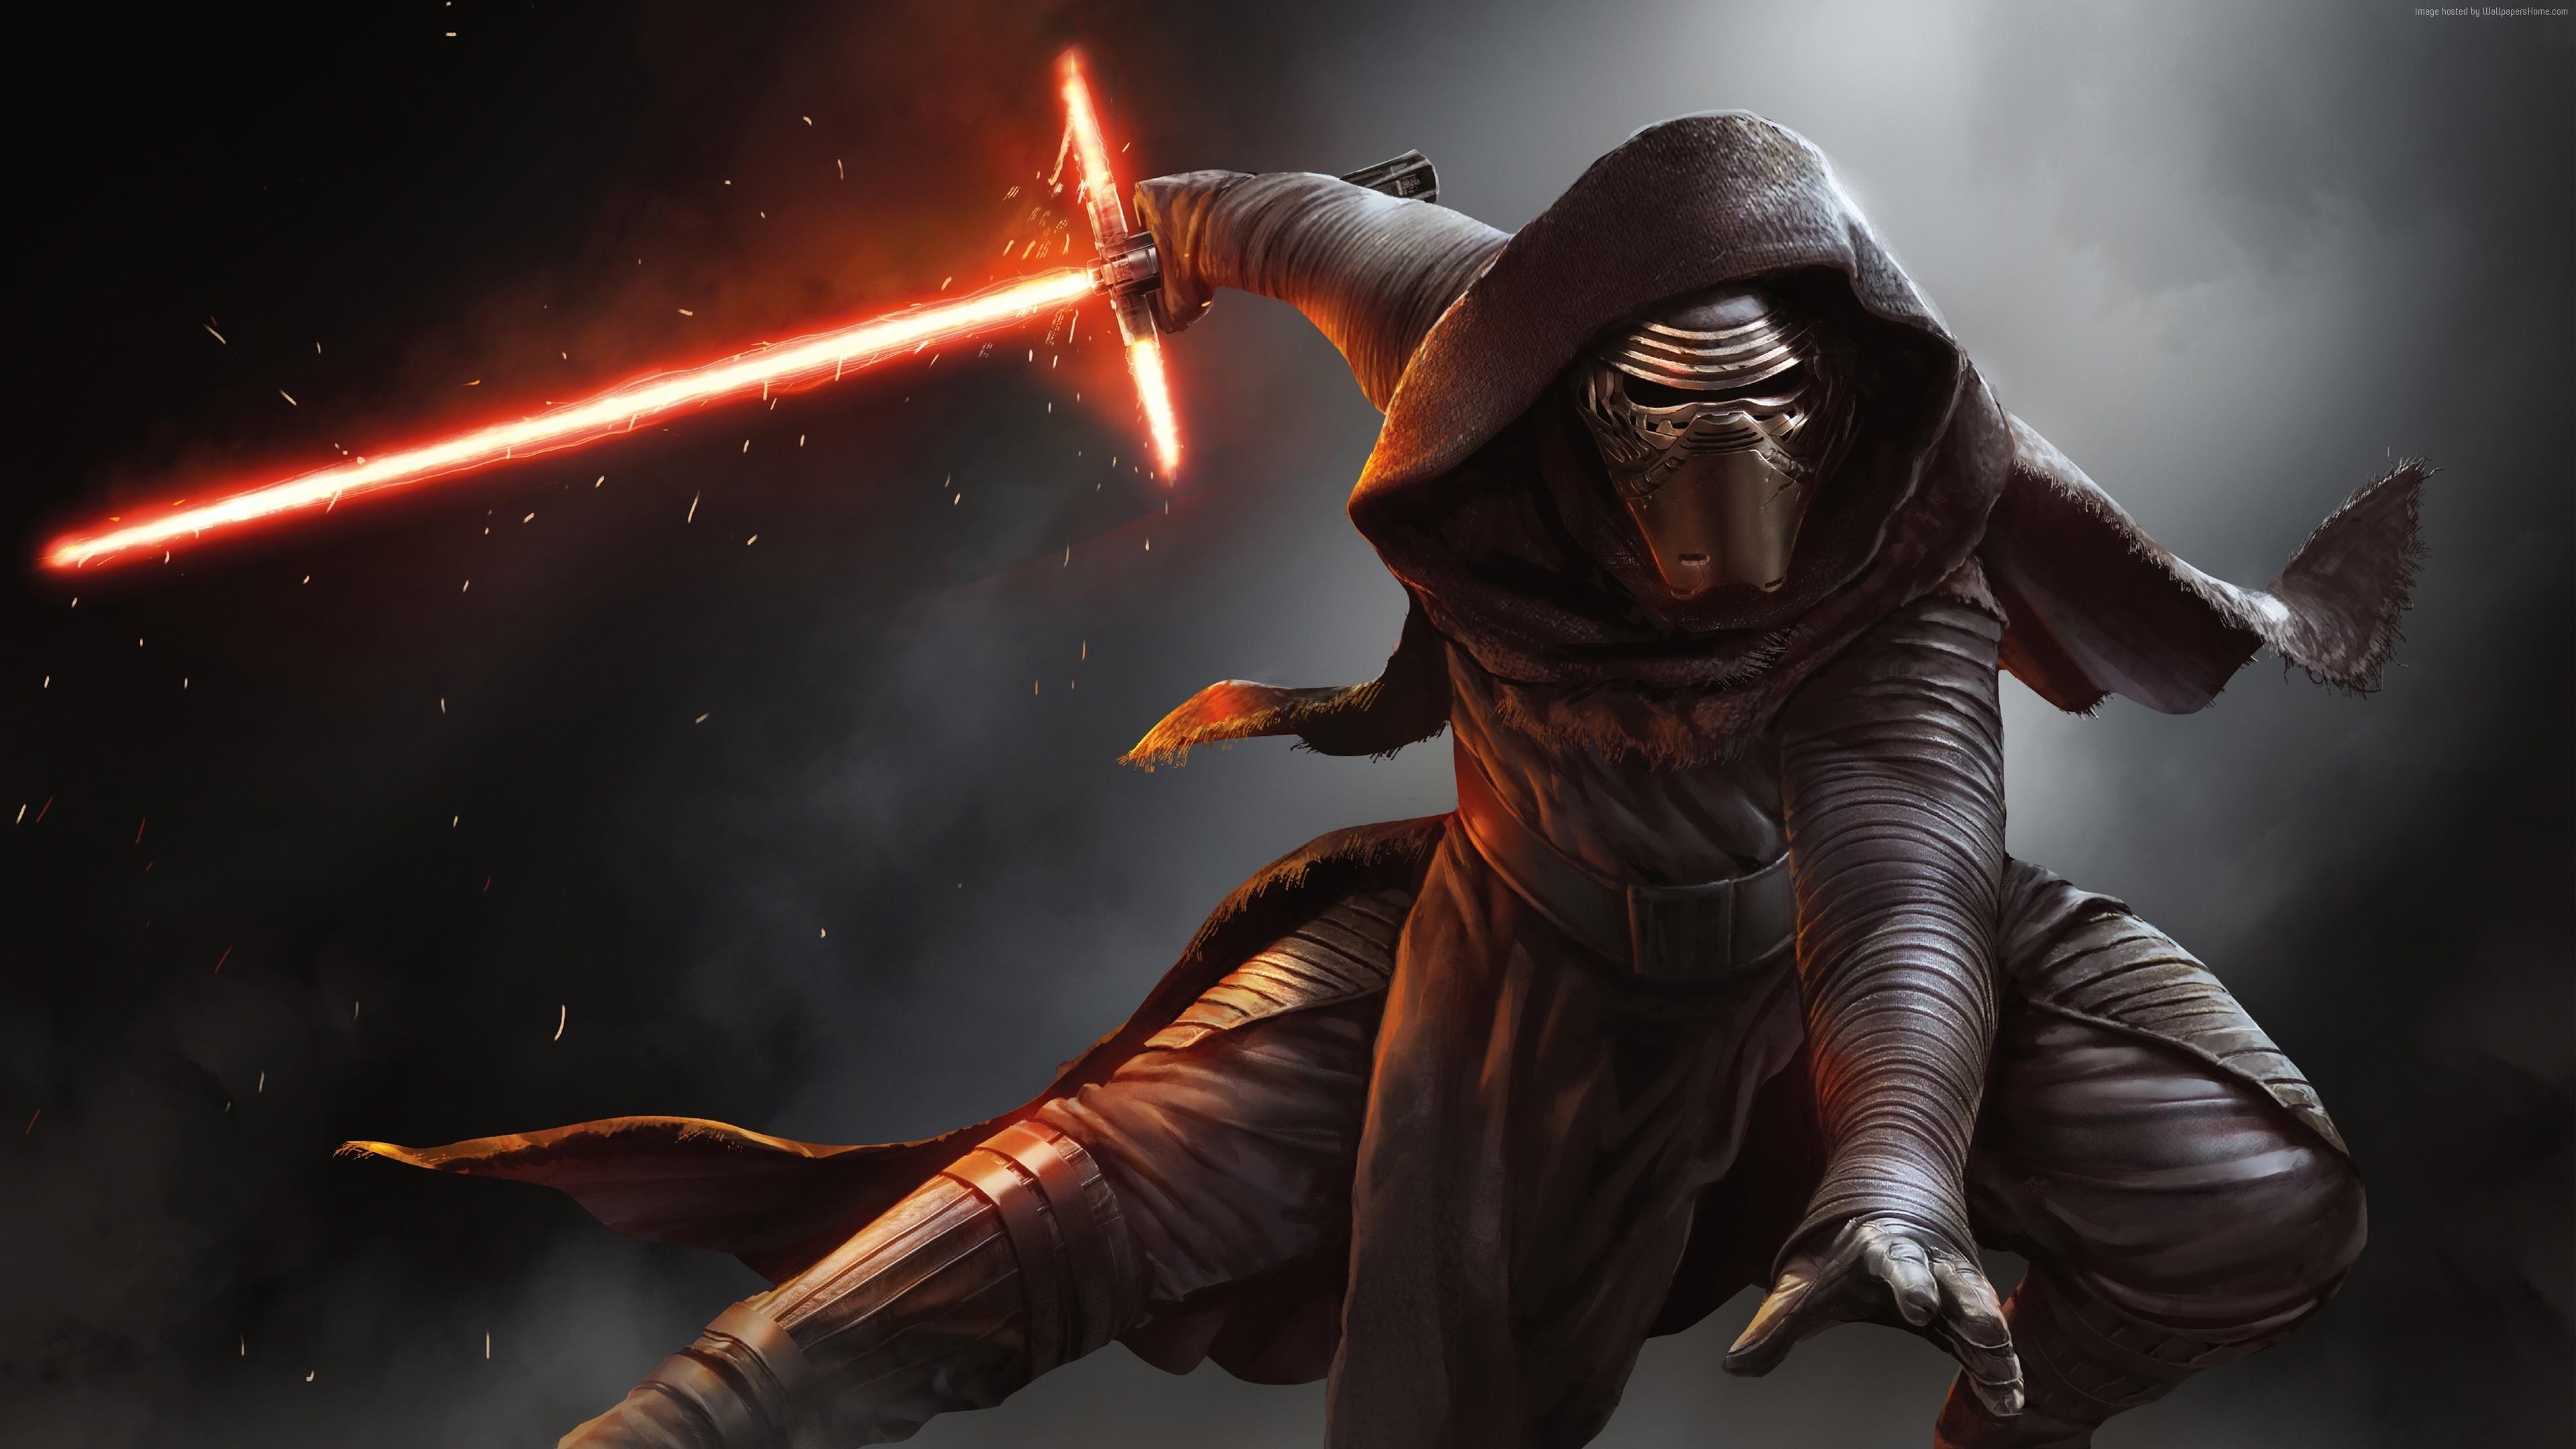 star wars episode vii the force awakens 3840x2160 star wars episode 3840x2160